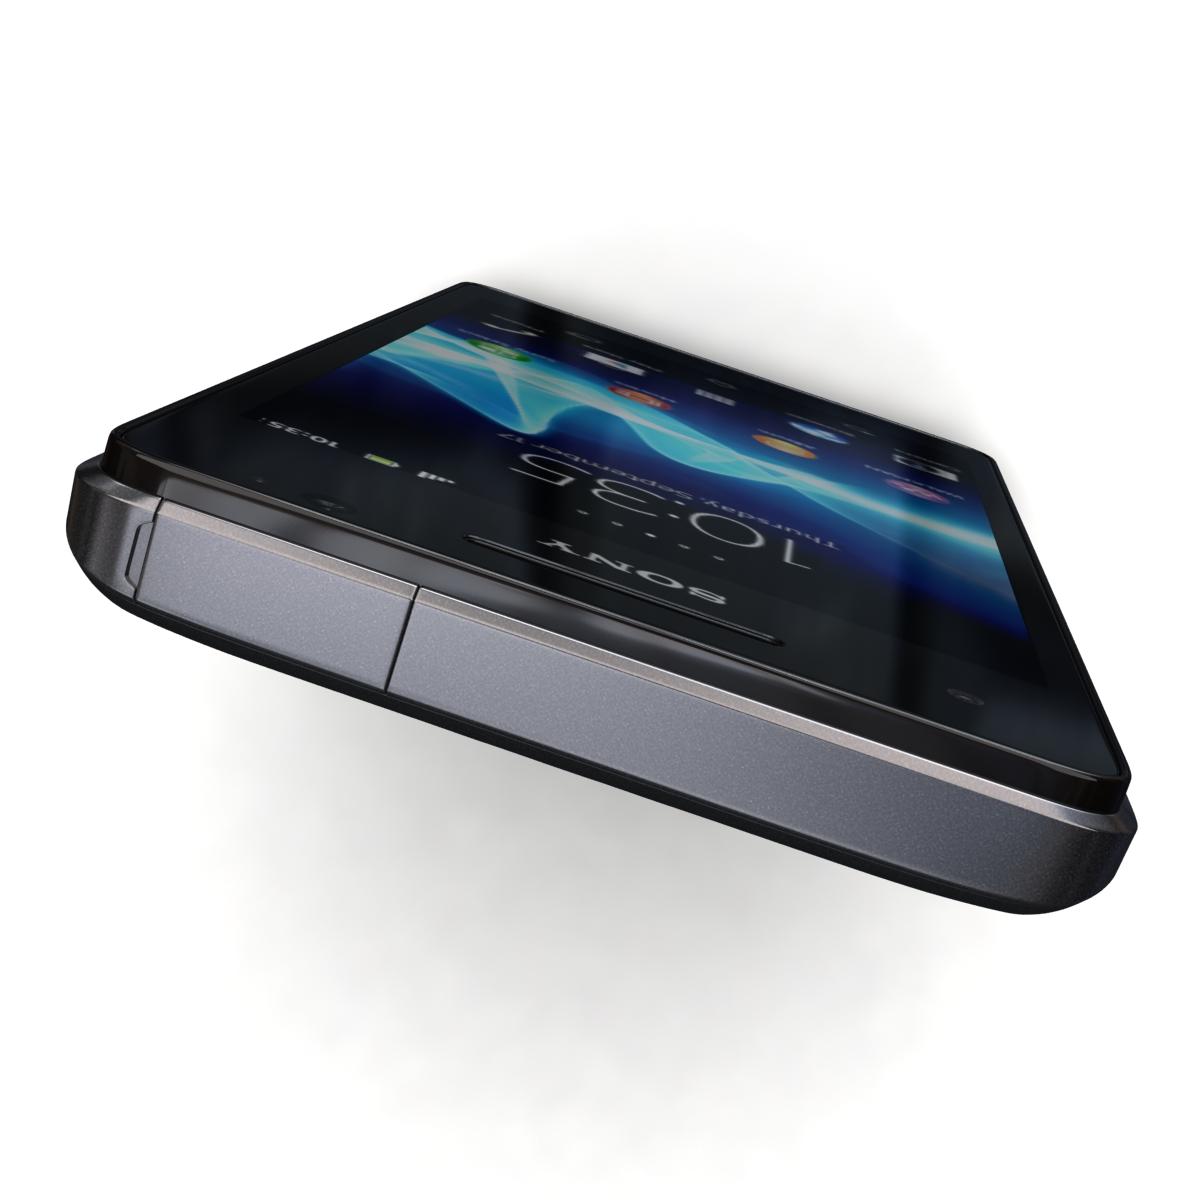 sony xperia v 3d model 3ds max fbx c4d lwo obj 151200